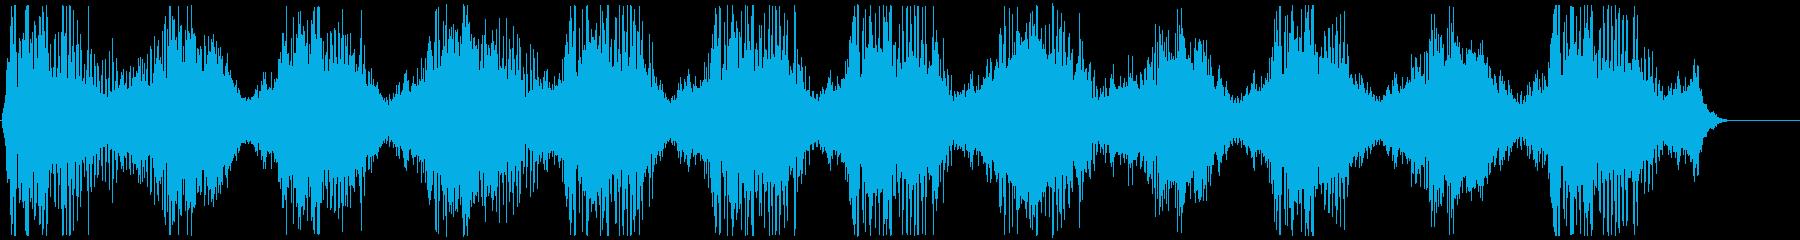 機械稼働音 3の再生済みの波形